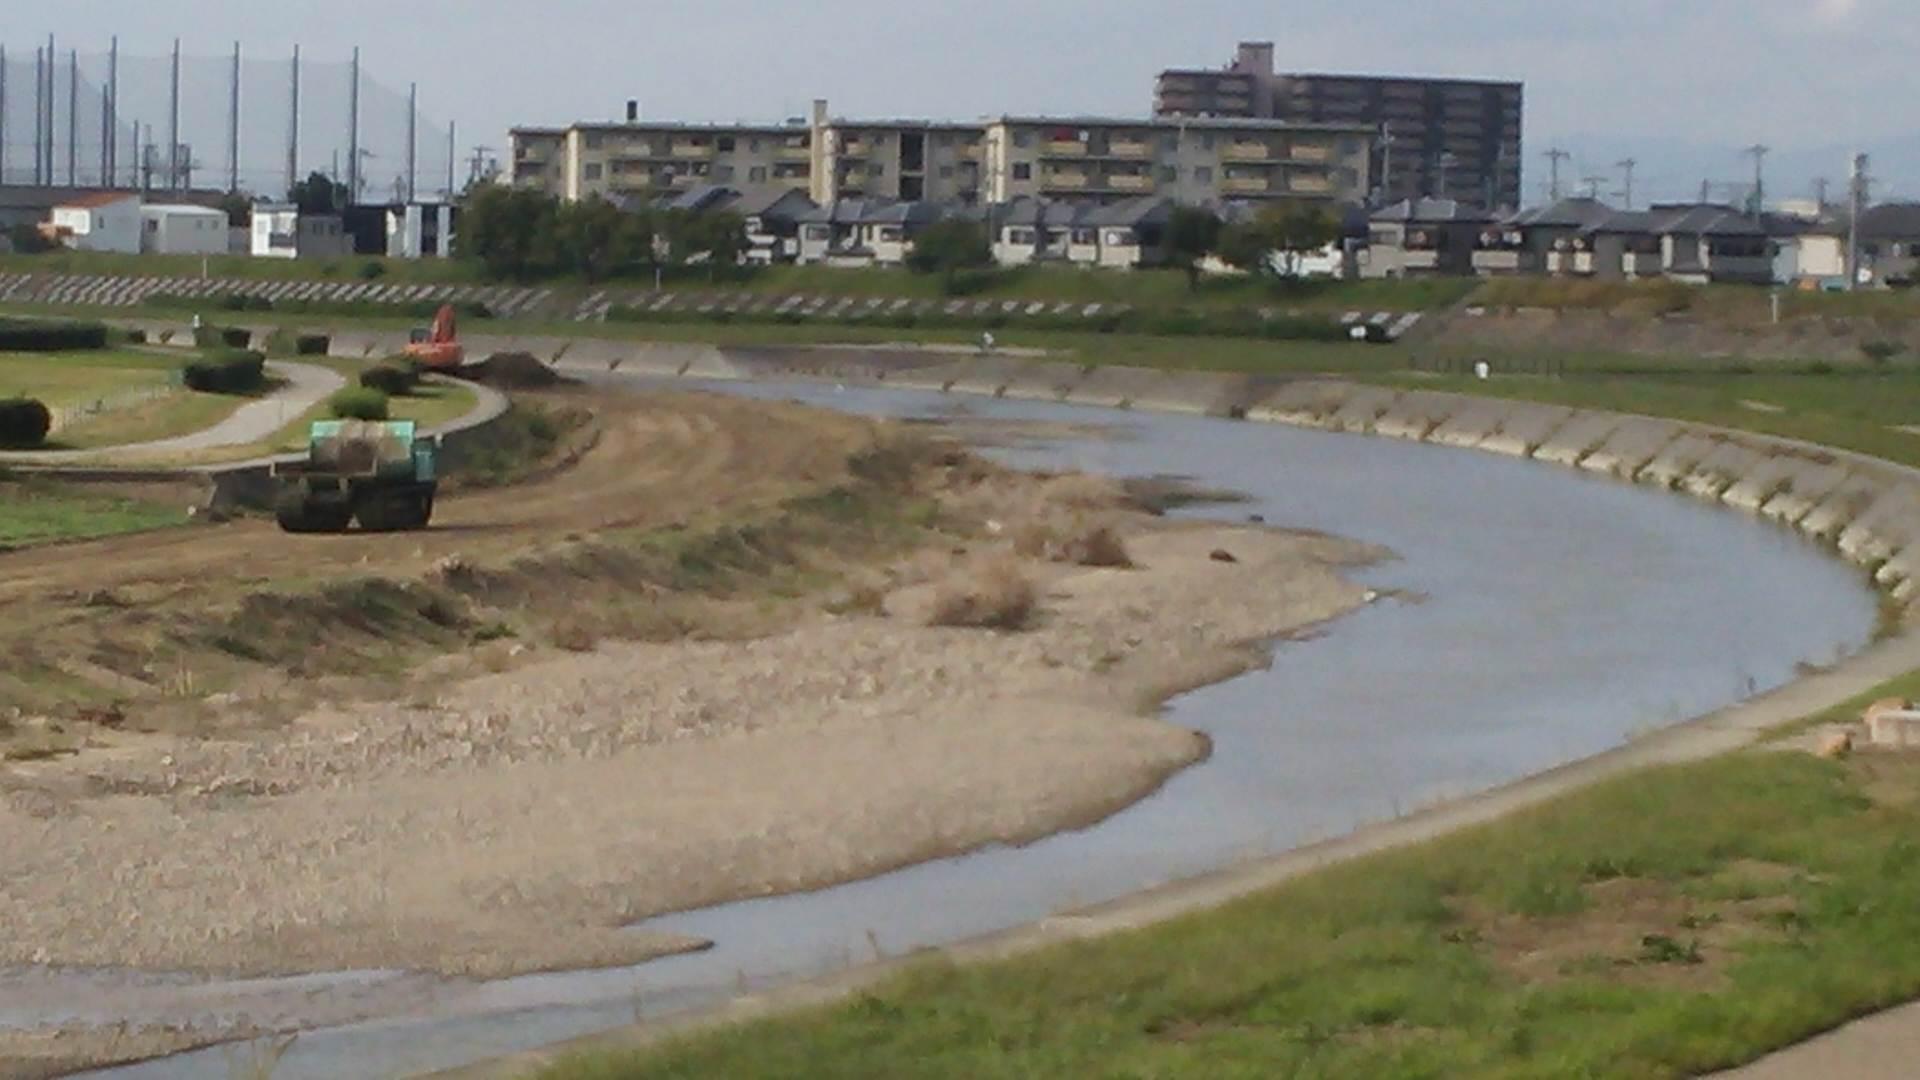 大津川の堆積土砂除去工事が進んでいます!